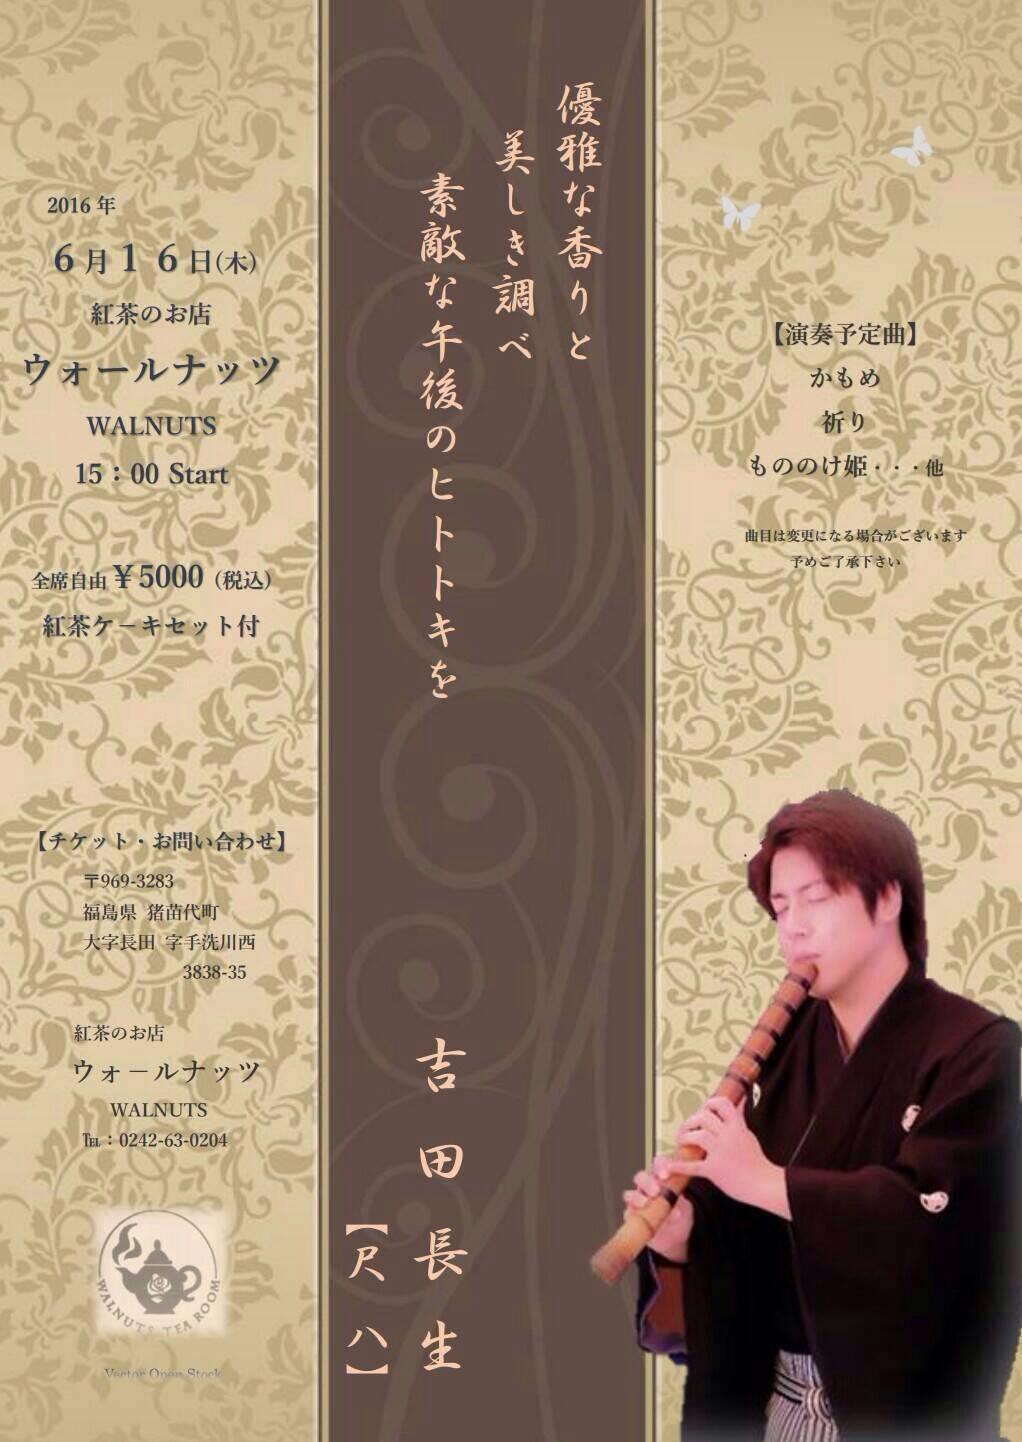 福島コンサート開催予定(13時~15時)